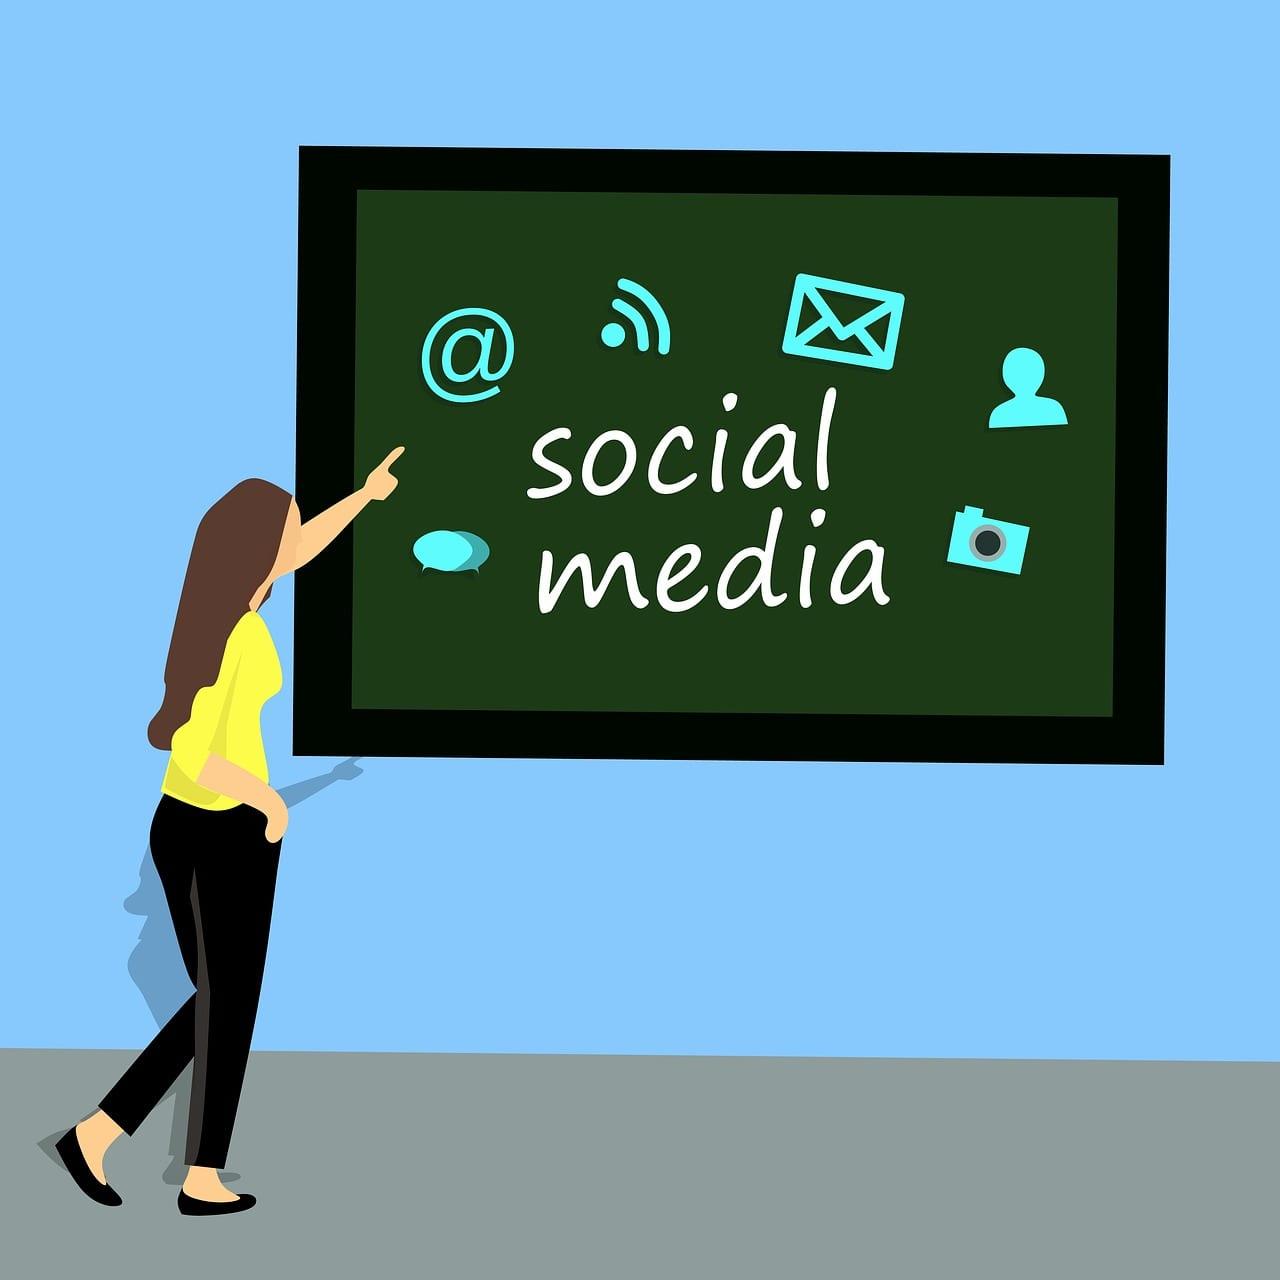 SEO vs. Social Media - Where Is Your Money Better Spent?